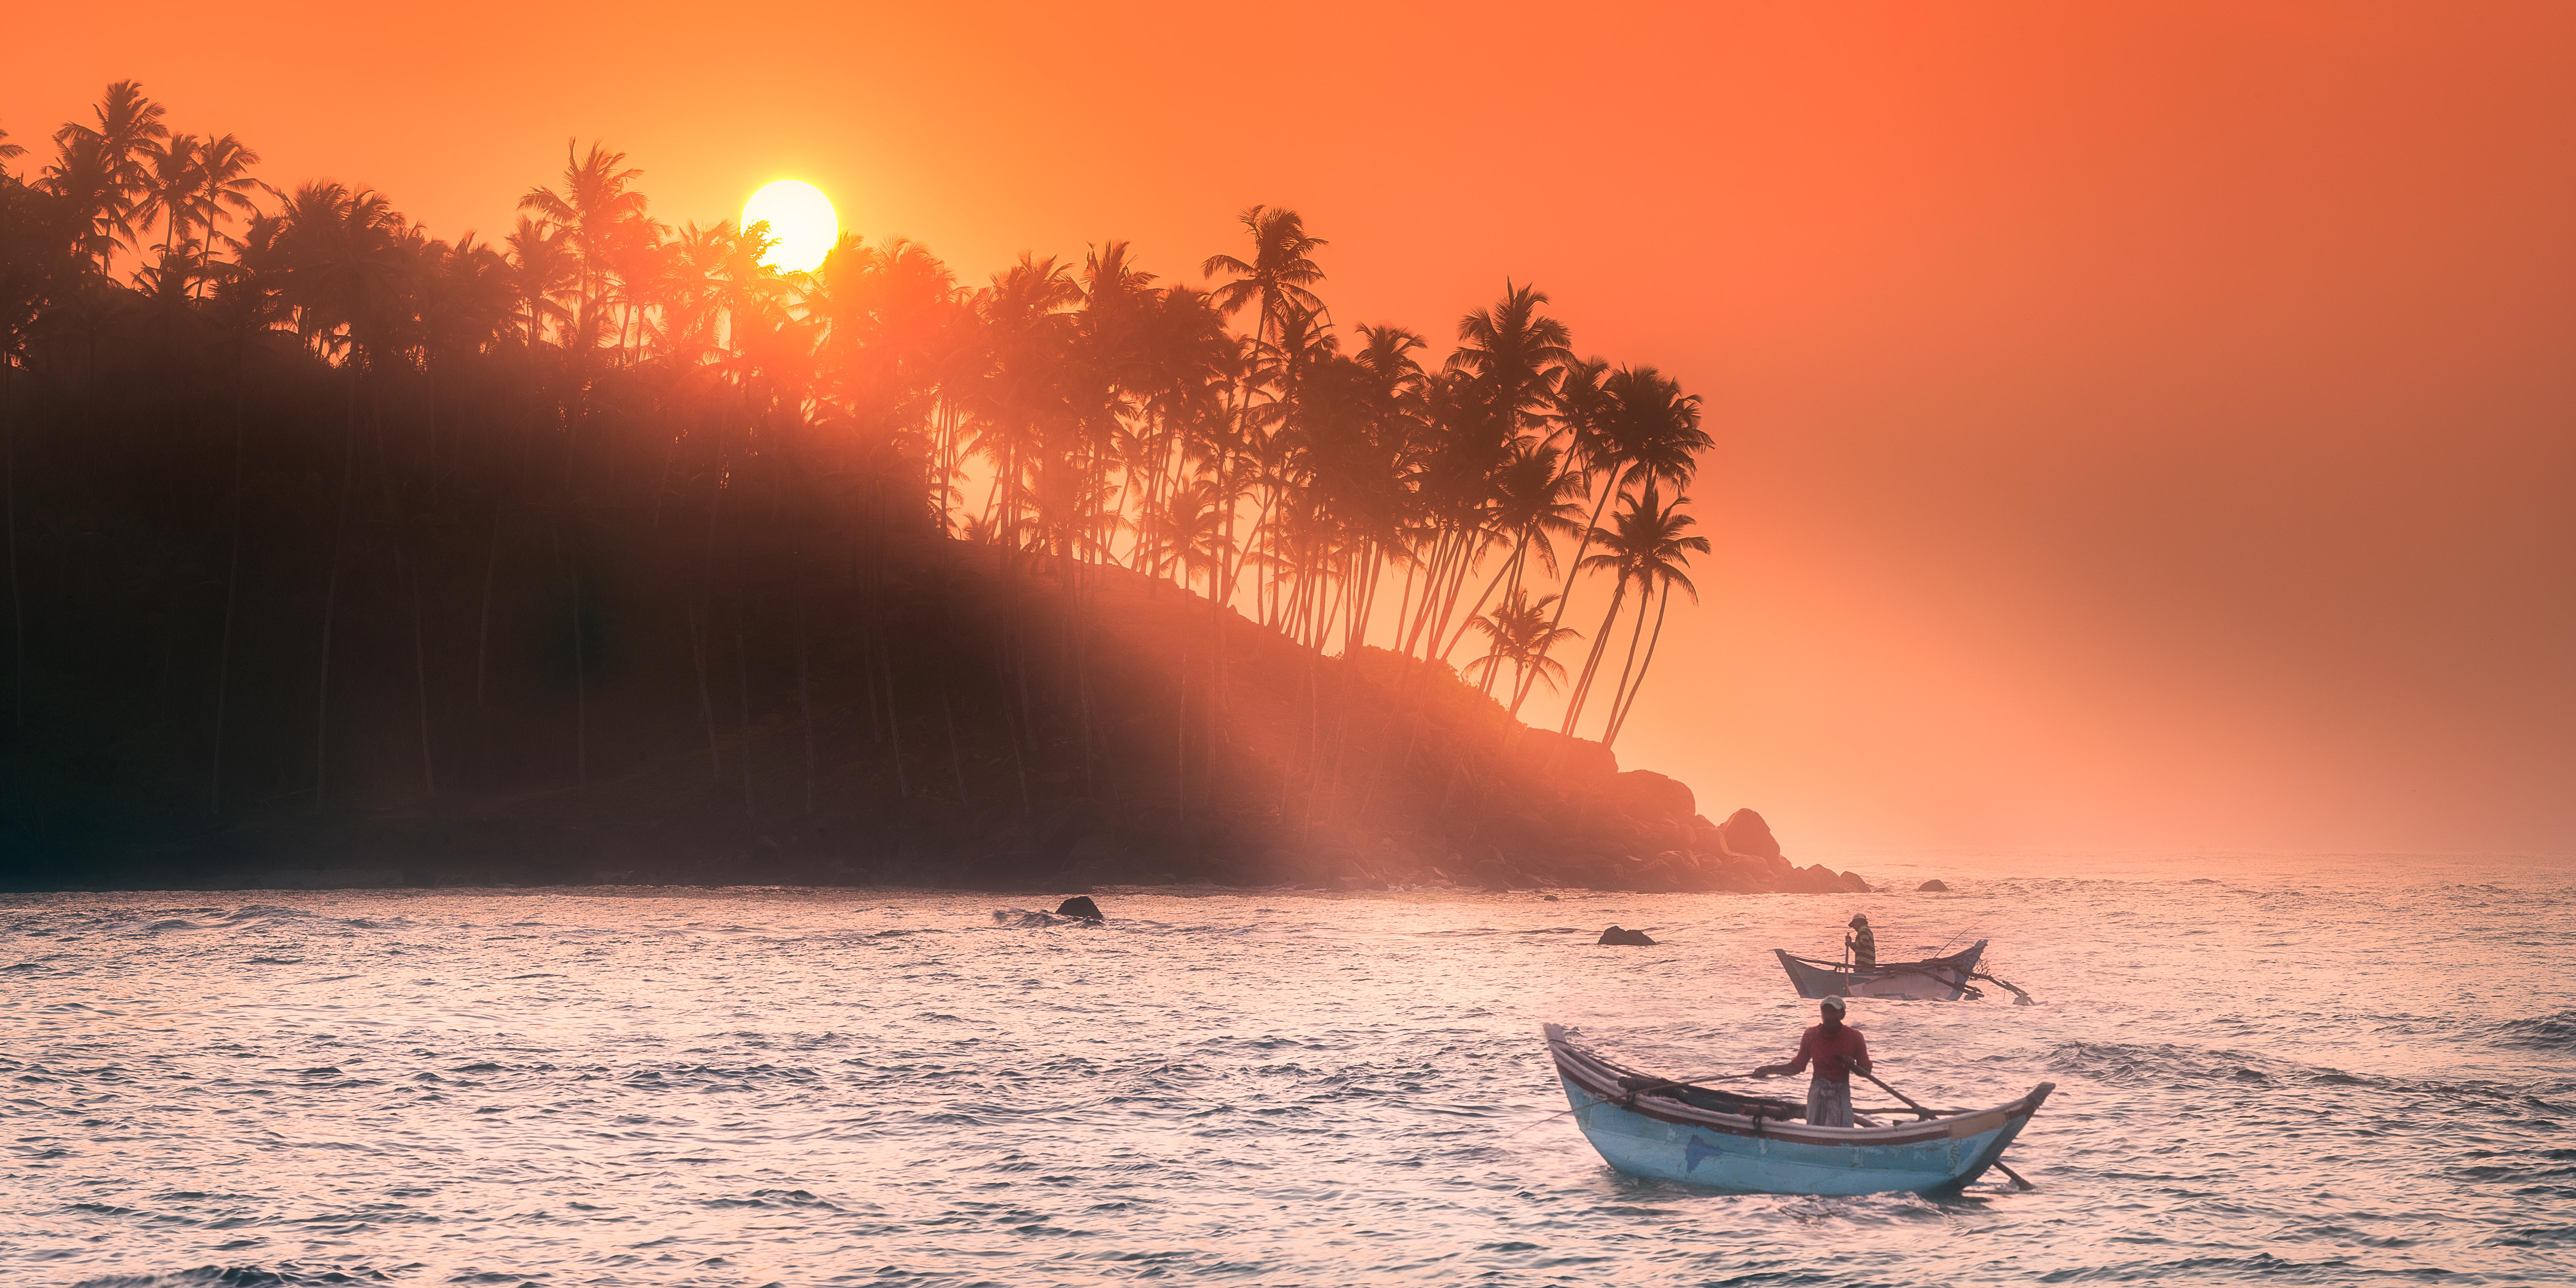 Mirissa es un pequeño pueblo en la costa sur de Sri Lanka, ubicado en el distrito de Matara de la Provincia del Sur. La playa y la vida nocturna de Mirissa lo convierten en un popular destino turístico. También es un puerto pesquero y uno de los principales lugares de observación de ballenas y delfines de la isla